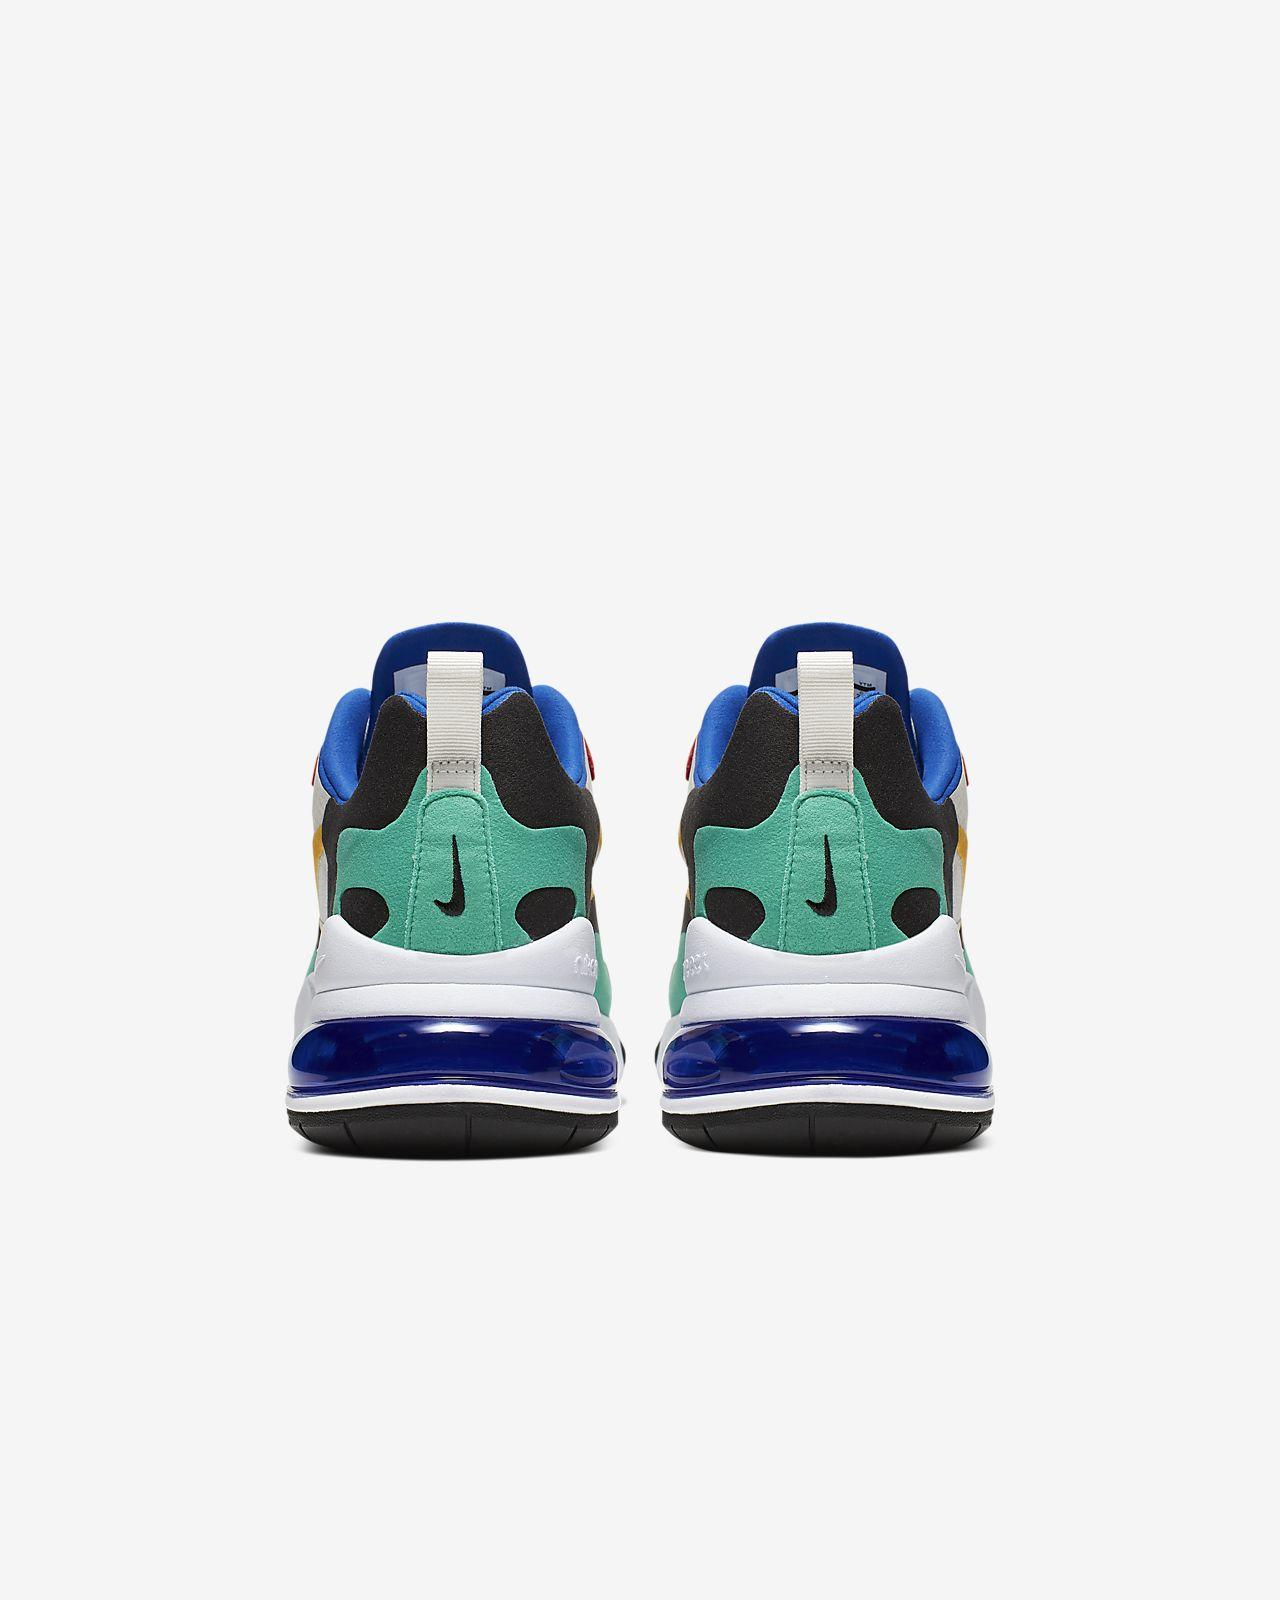 Nike Chaussure Air Pour Homme Max Bauhaus 270 React ID9EH2